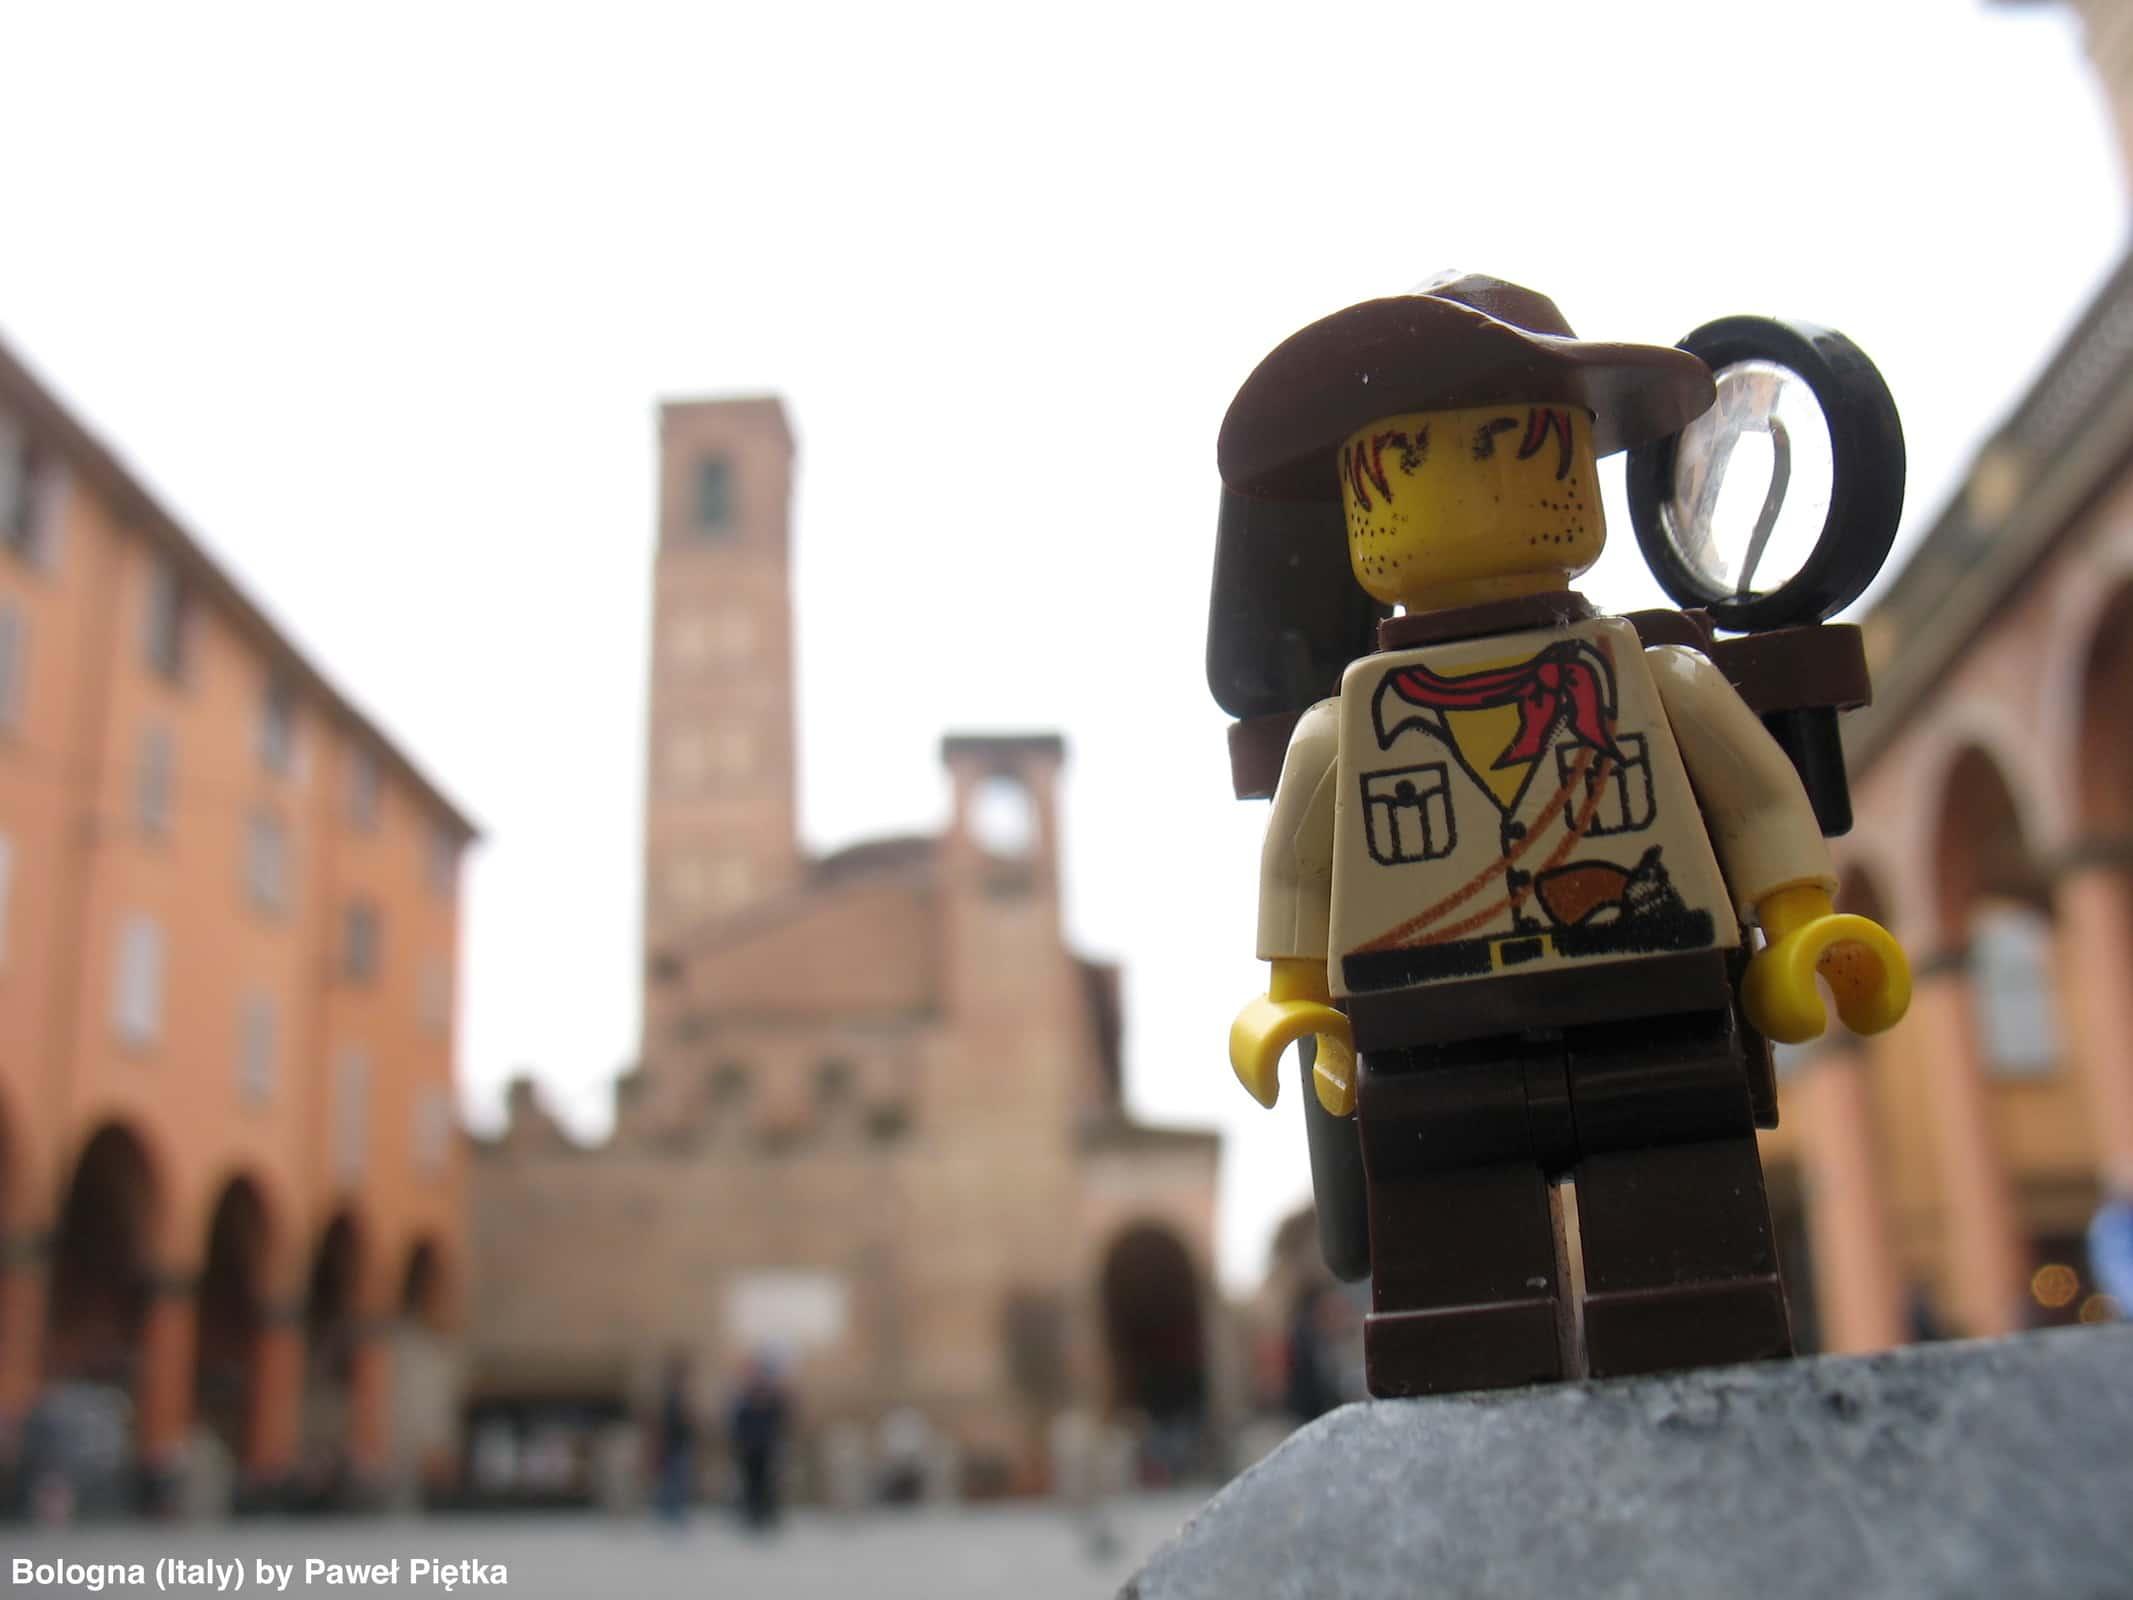 Bologna (Italy) - Basilica of San Giacomo Maggiore